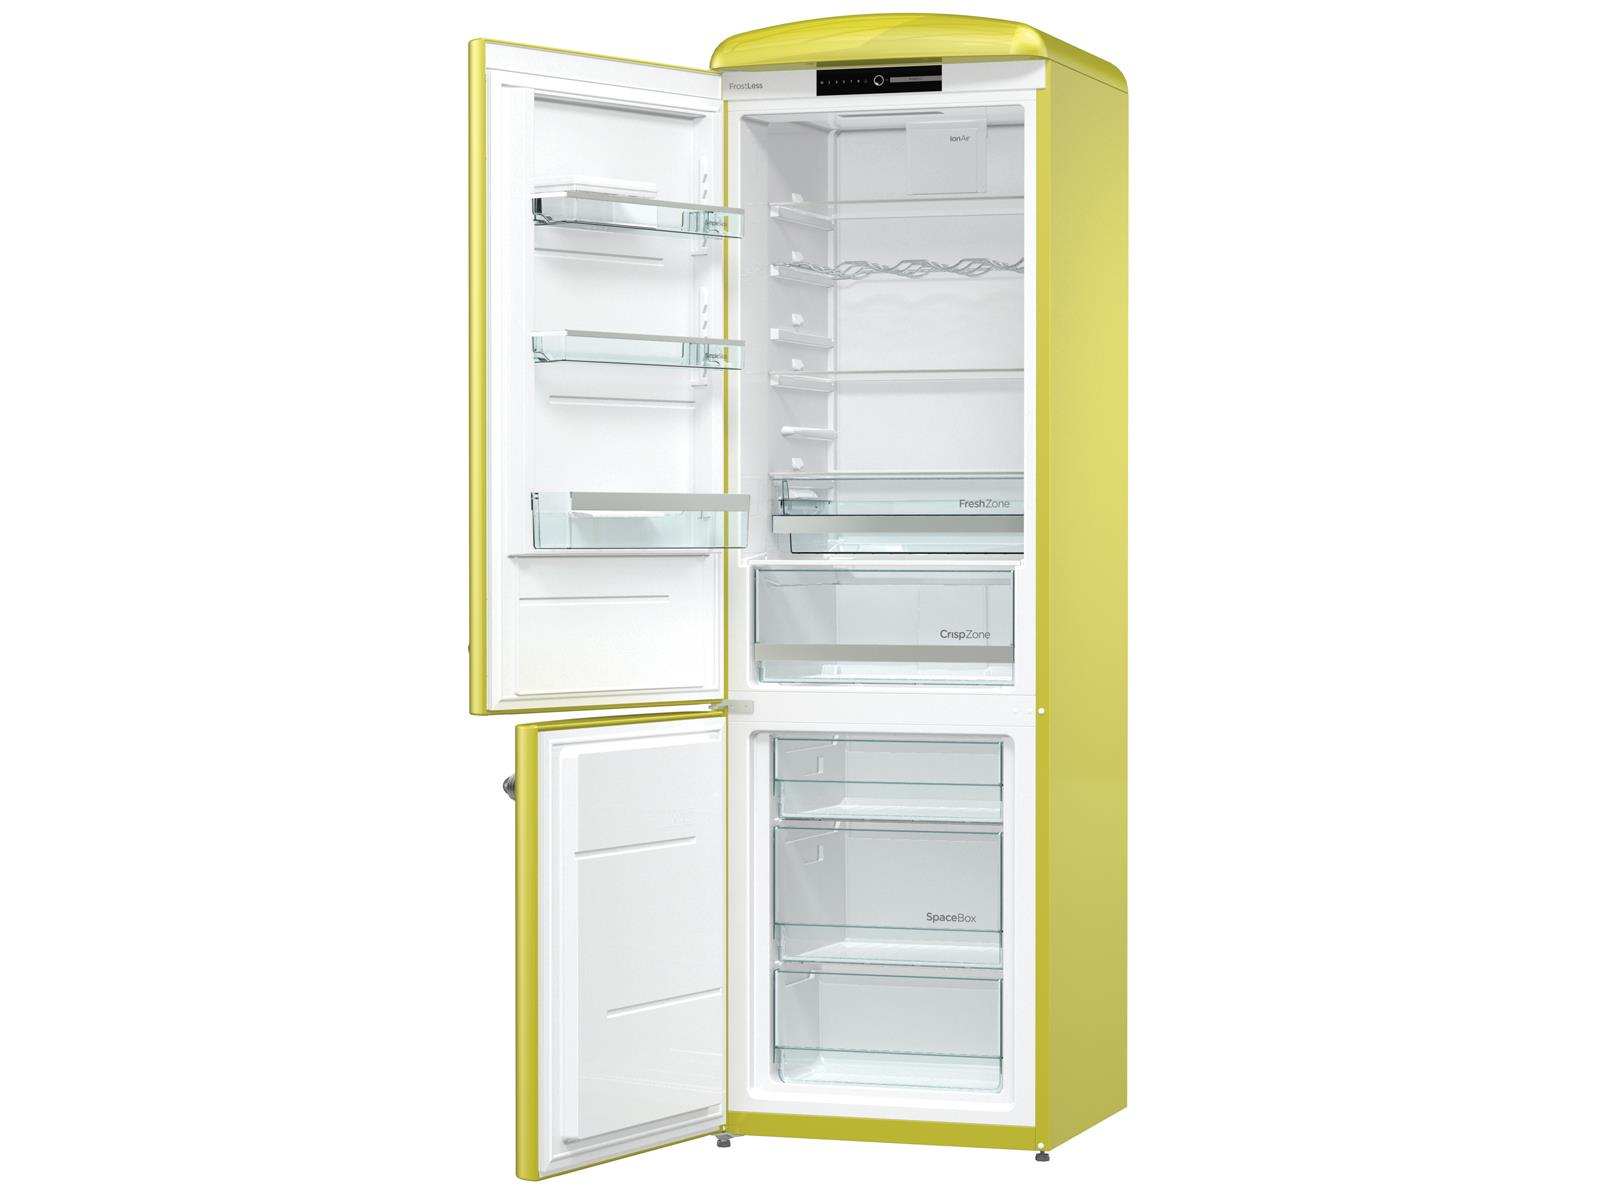 Gorenje Kühlschrank Ork 193 : Design kühlschränke von gorenje